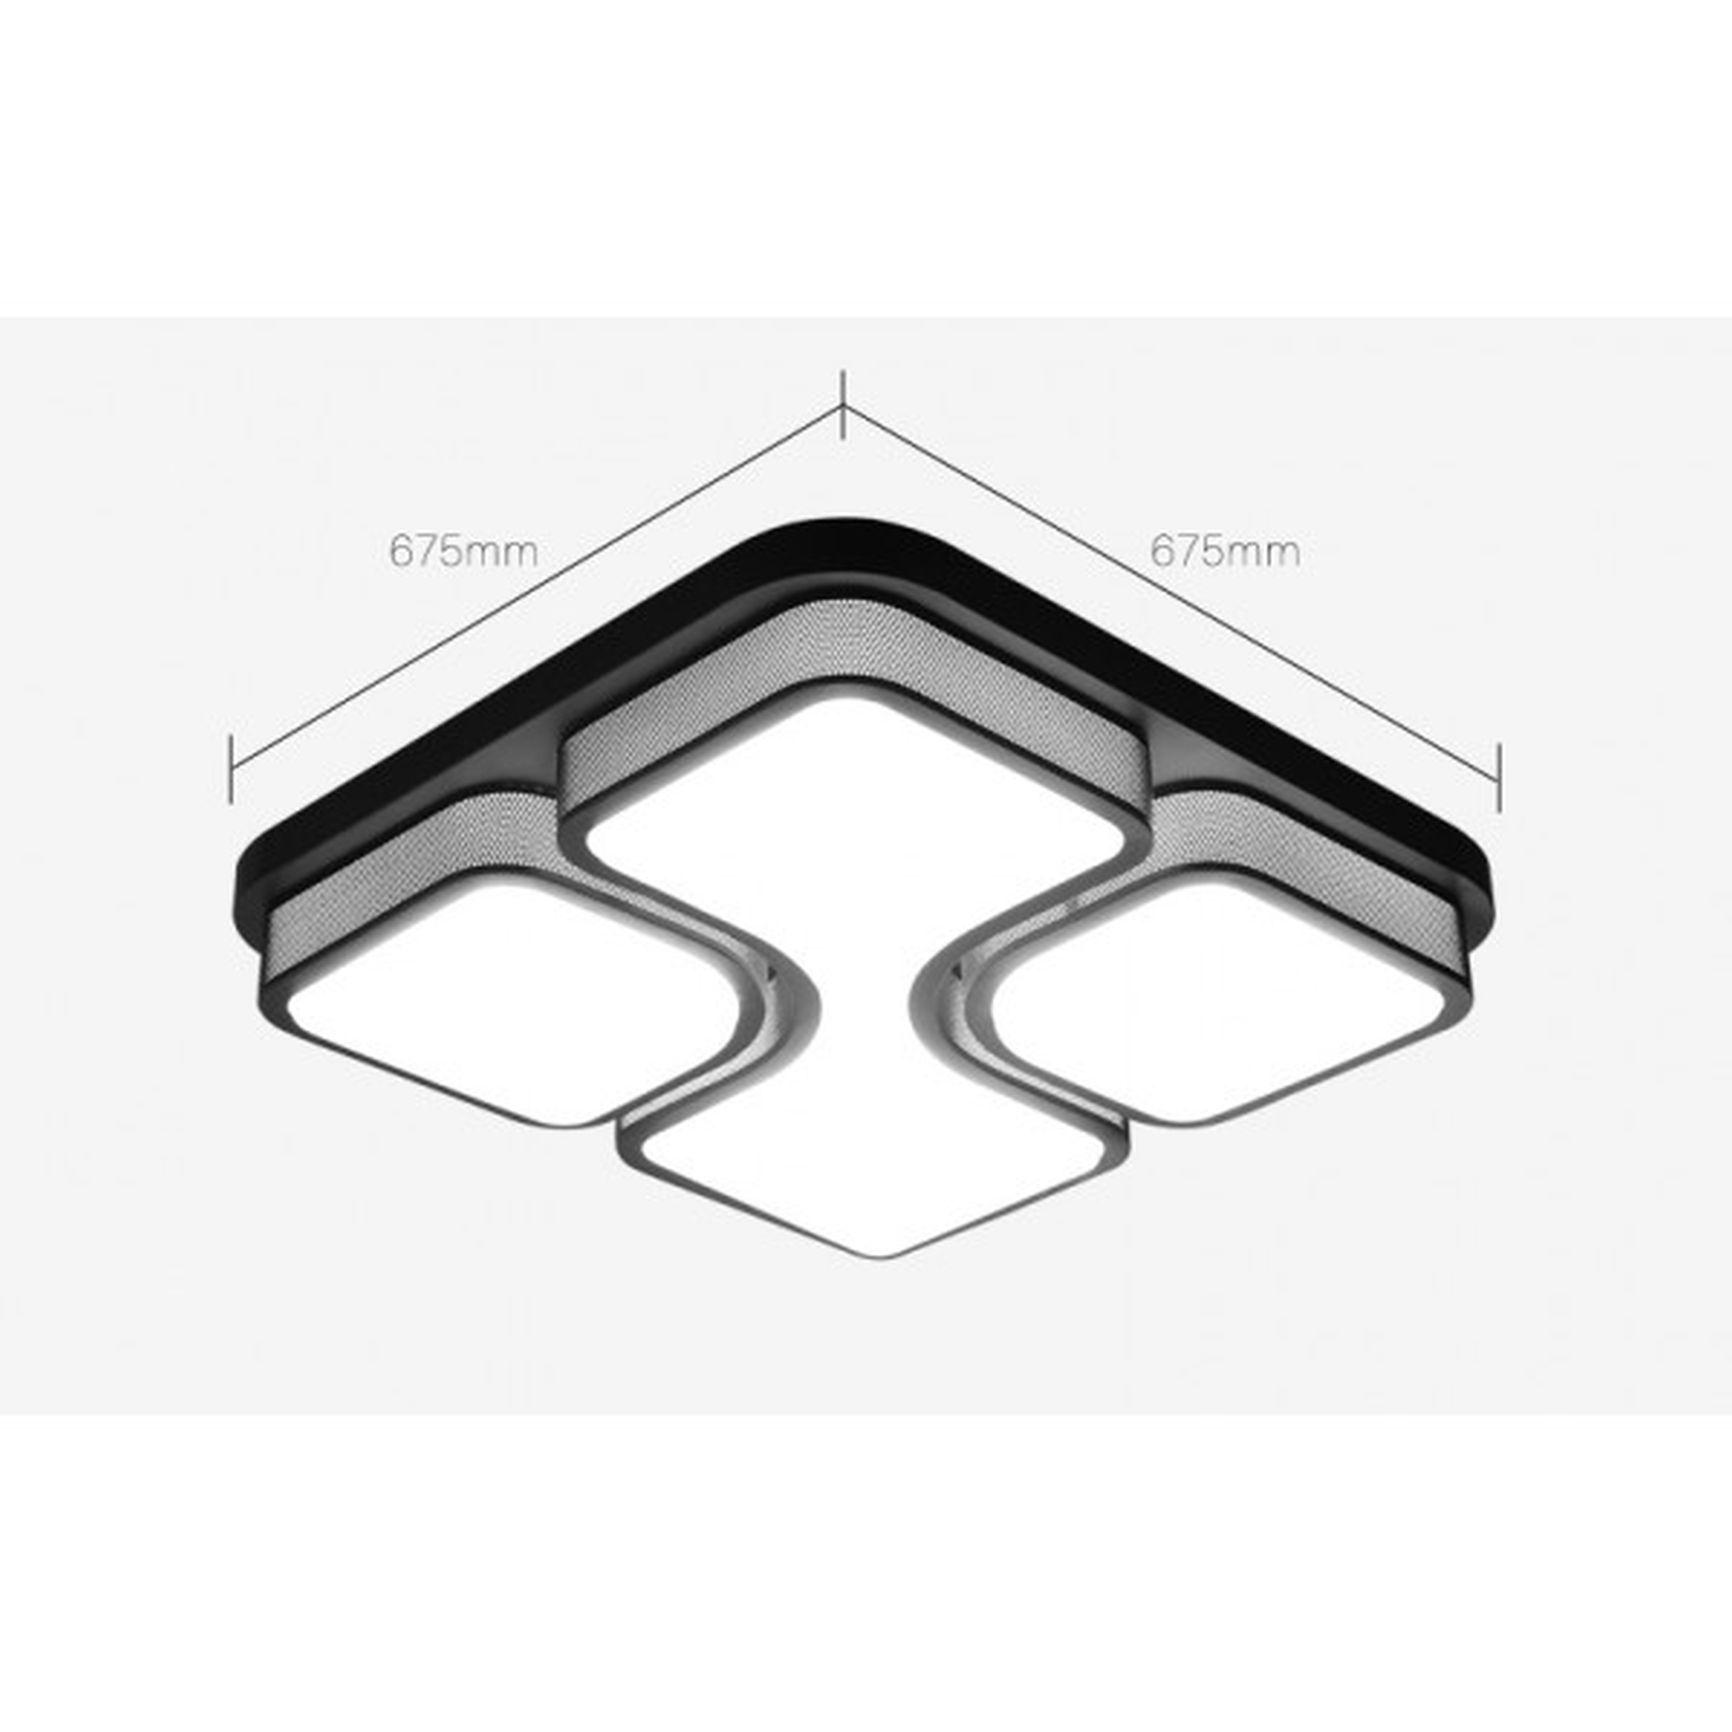 Full Size of Küchenlampen Led Deckenlampe Wandlampe Kchenlampen White Volldimmbar Fernbedienung Wohnzimmer Küchenlampen